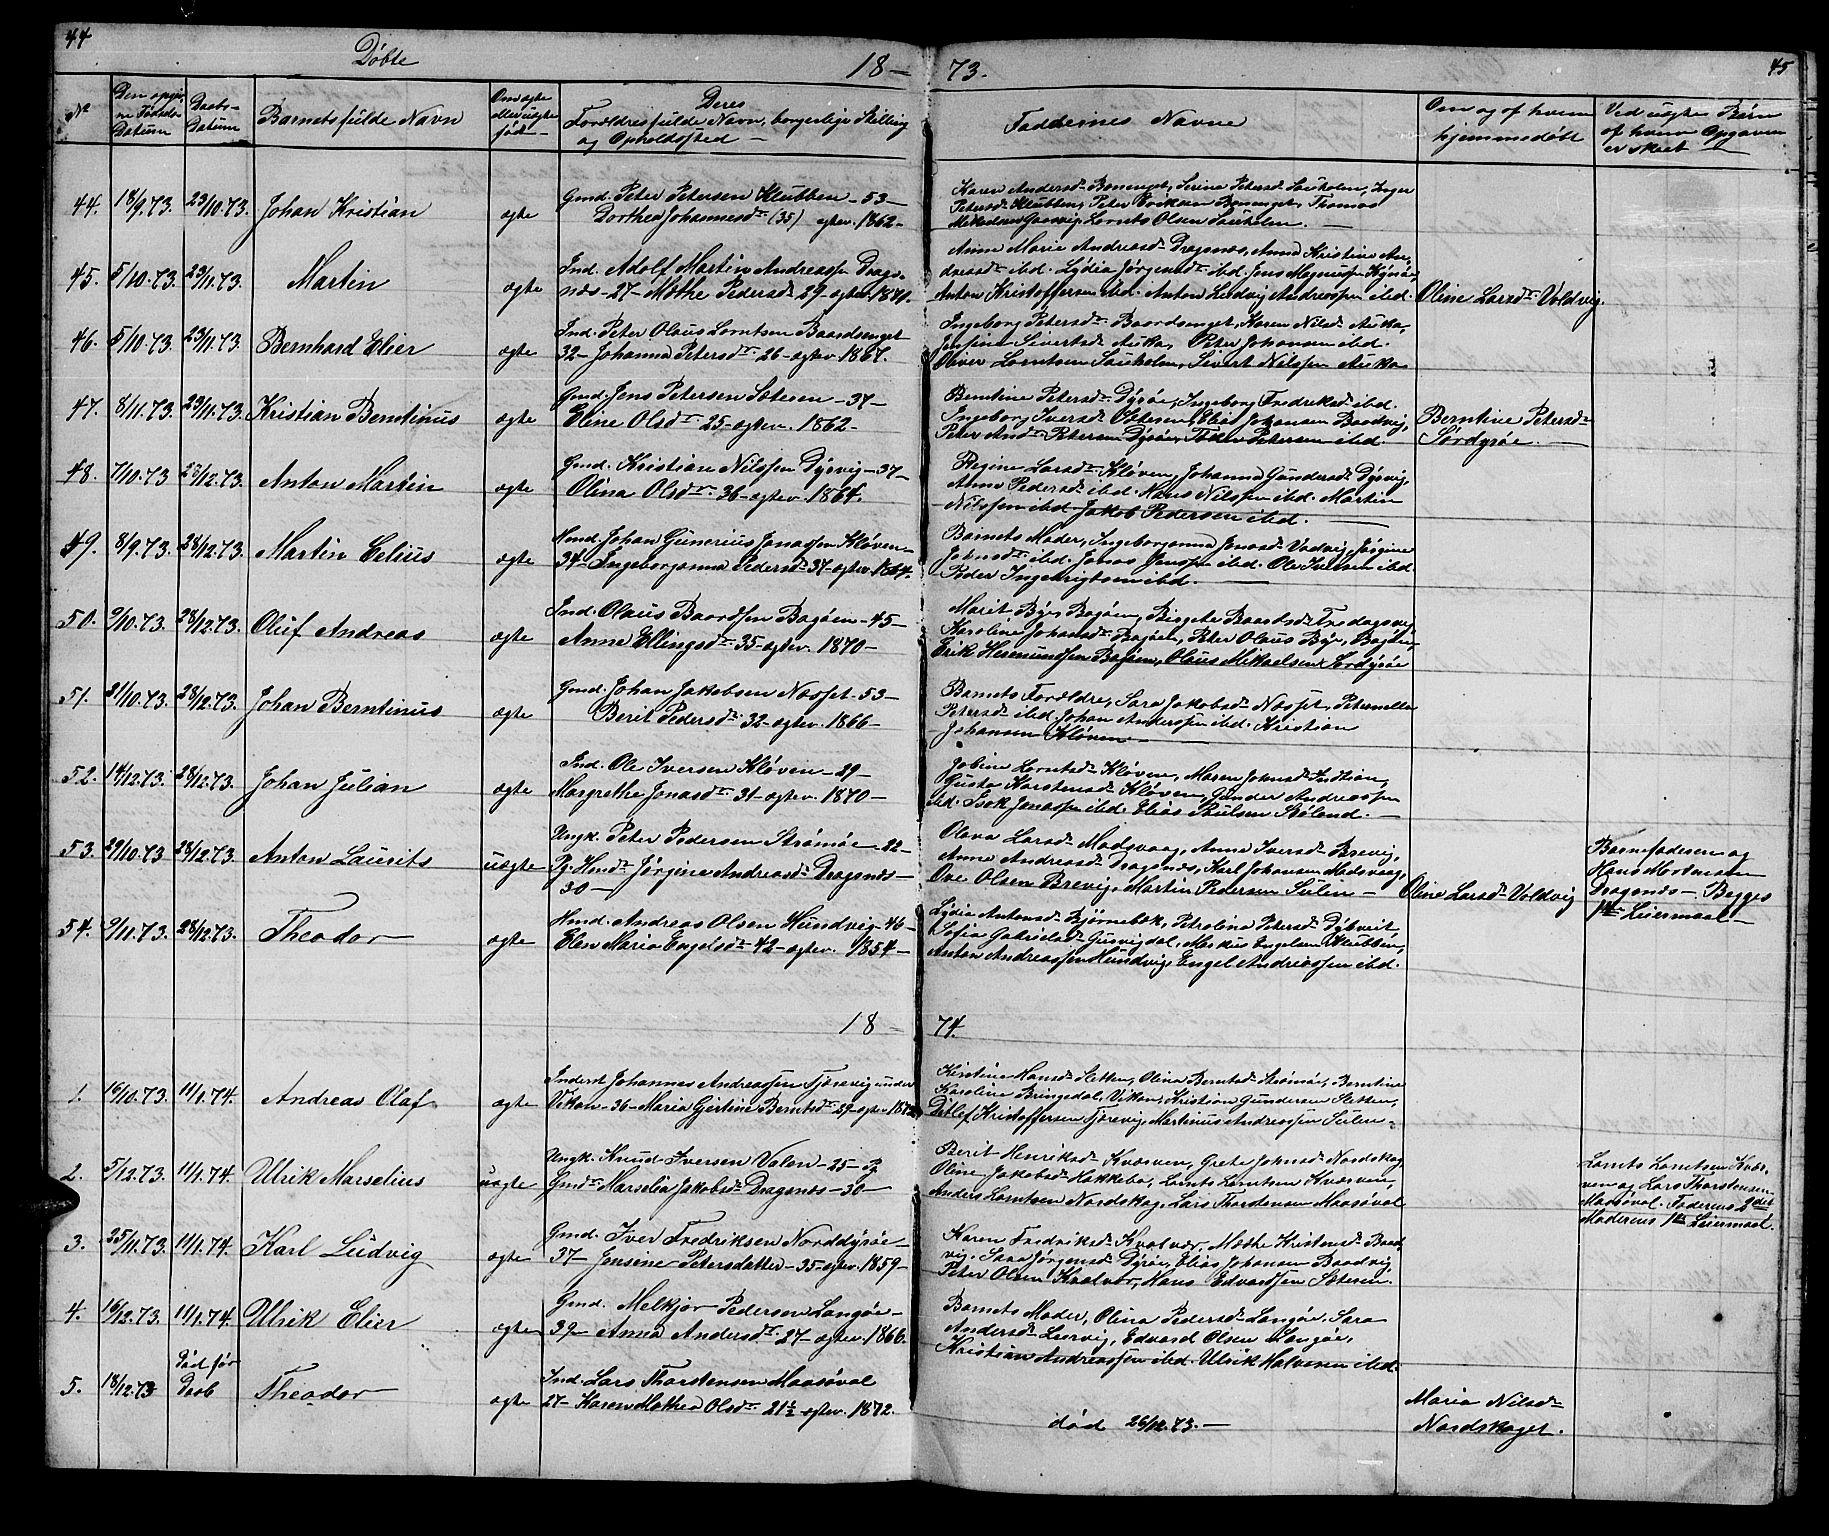 SAT, Ministerialprotokoller, klokkerbøker og fødselsregistre - Sør-Trøndelag, 640/L0583: Klokkerbok nr. 640C01, 1866-1877, s. 44-45